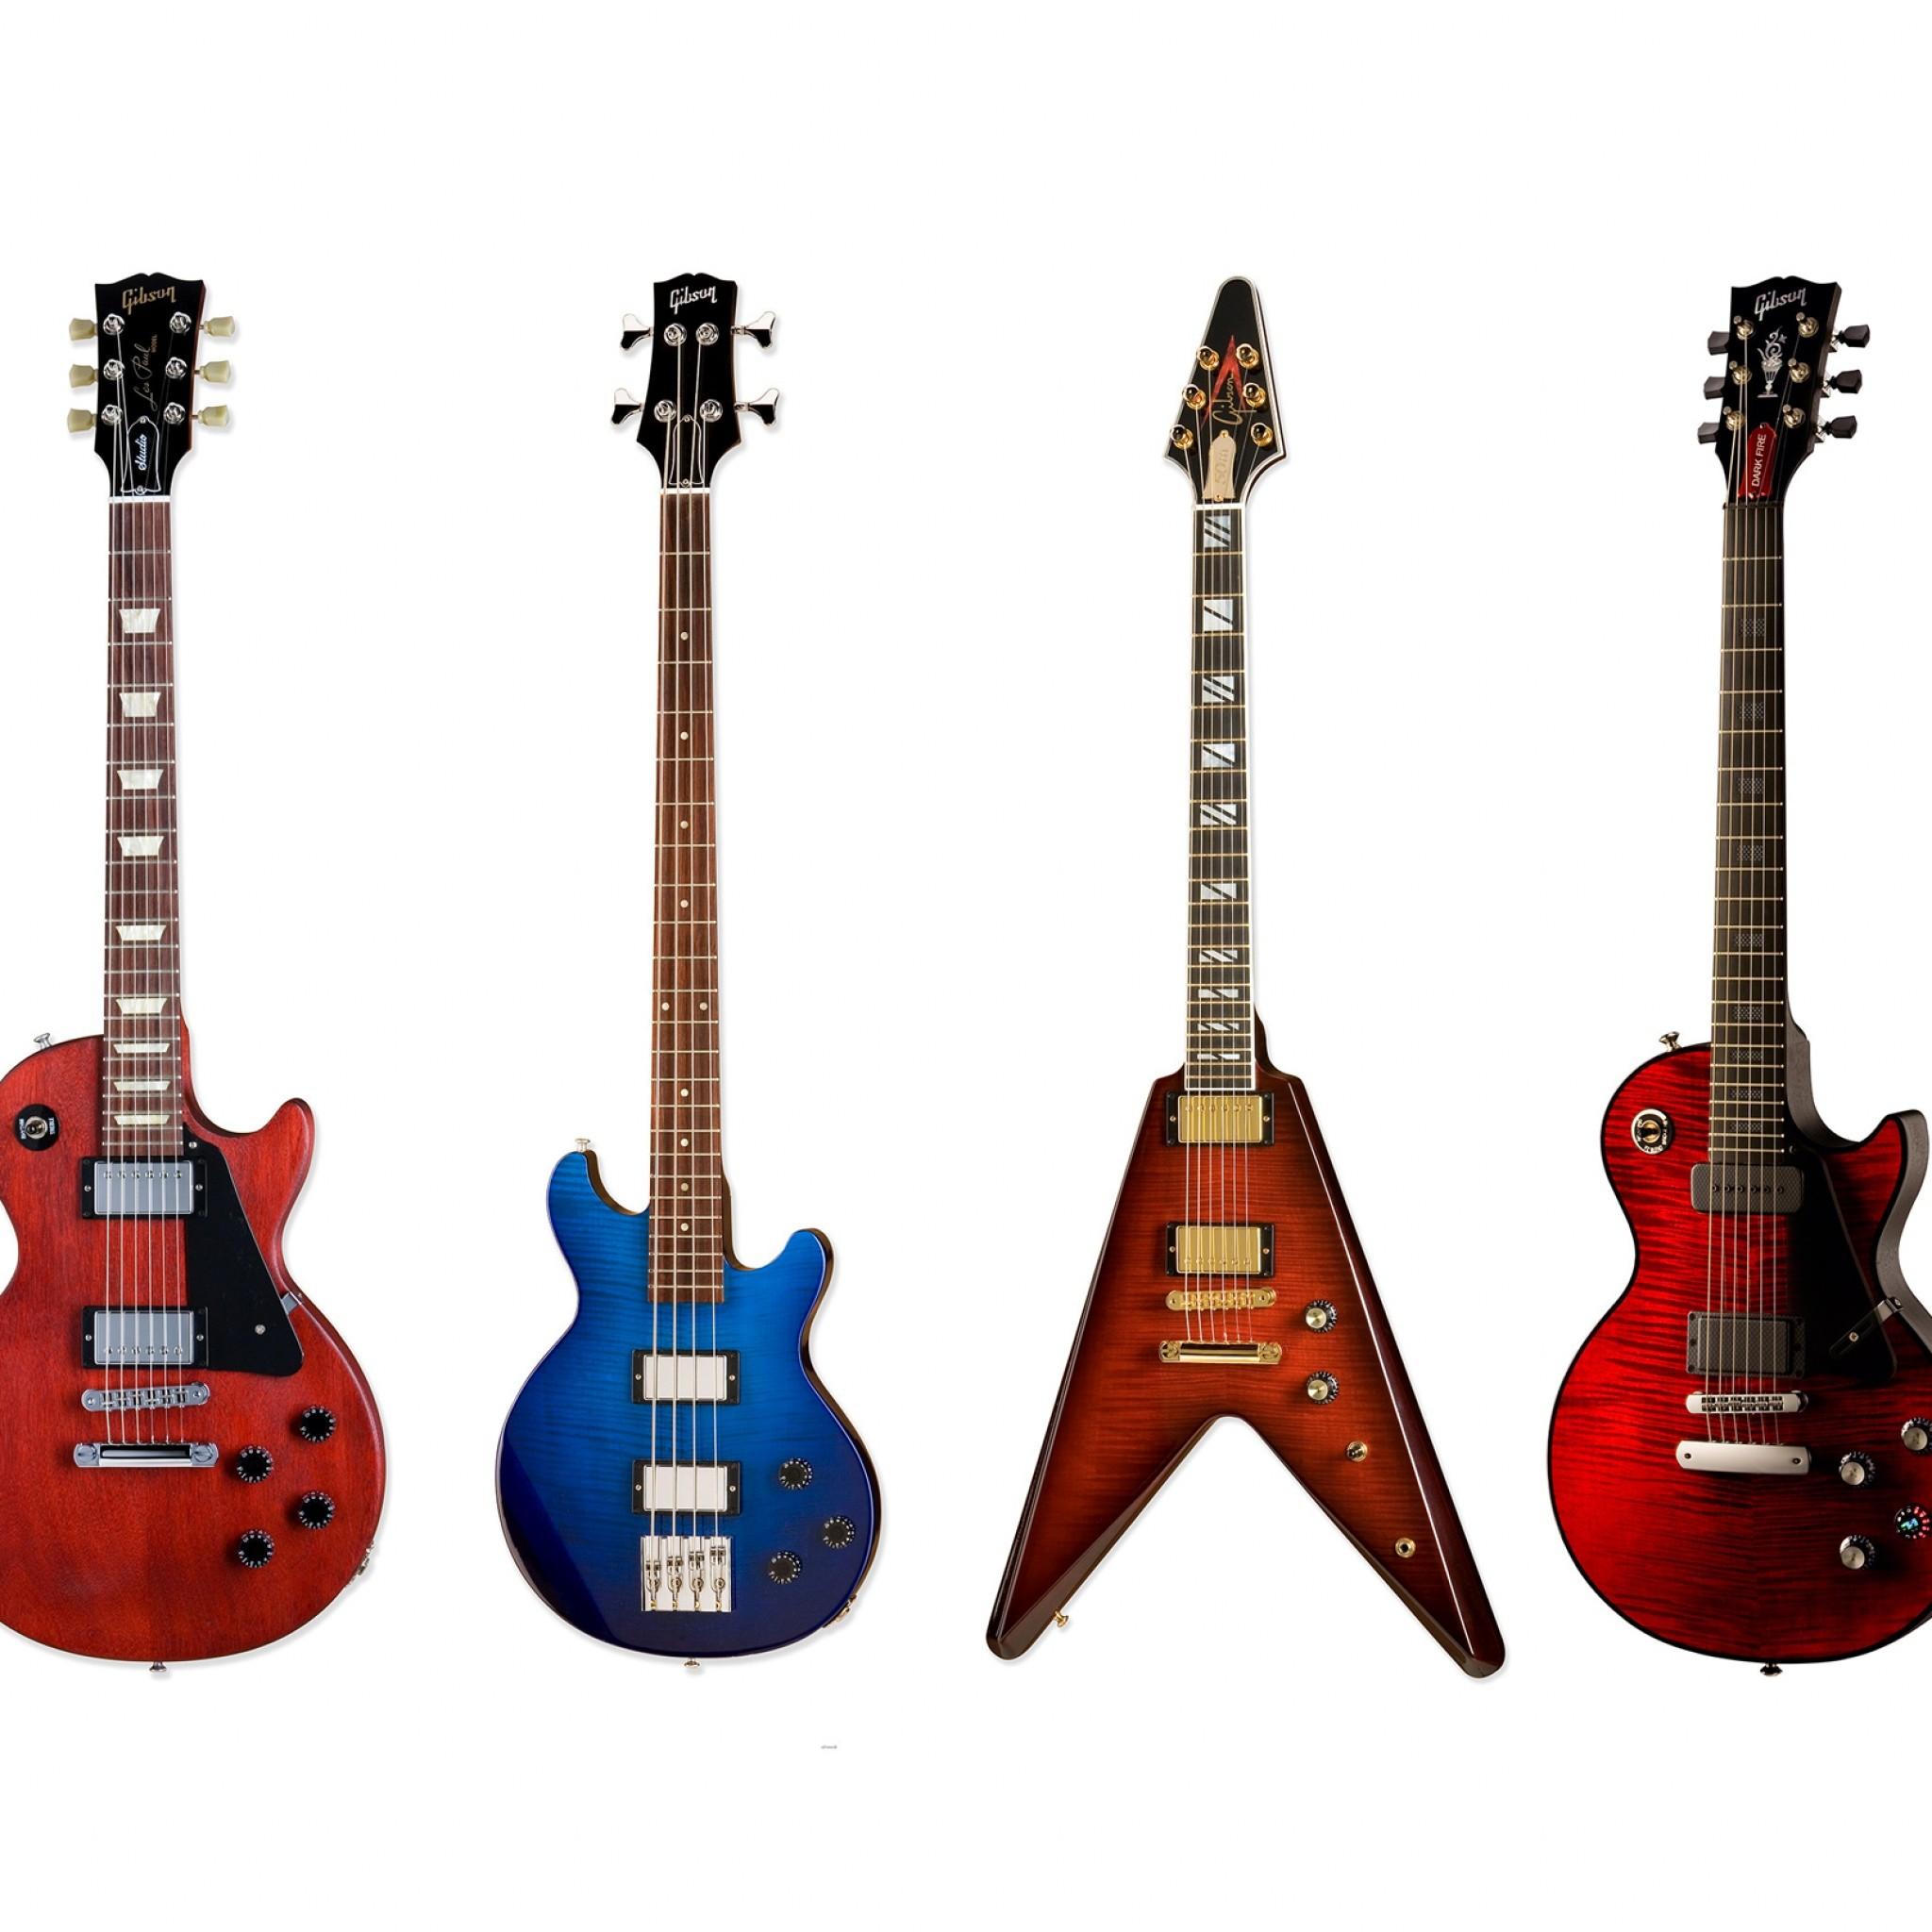 Wallpaper gibson, electric guitar, bass guitar